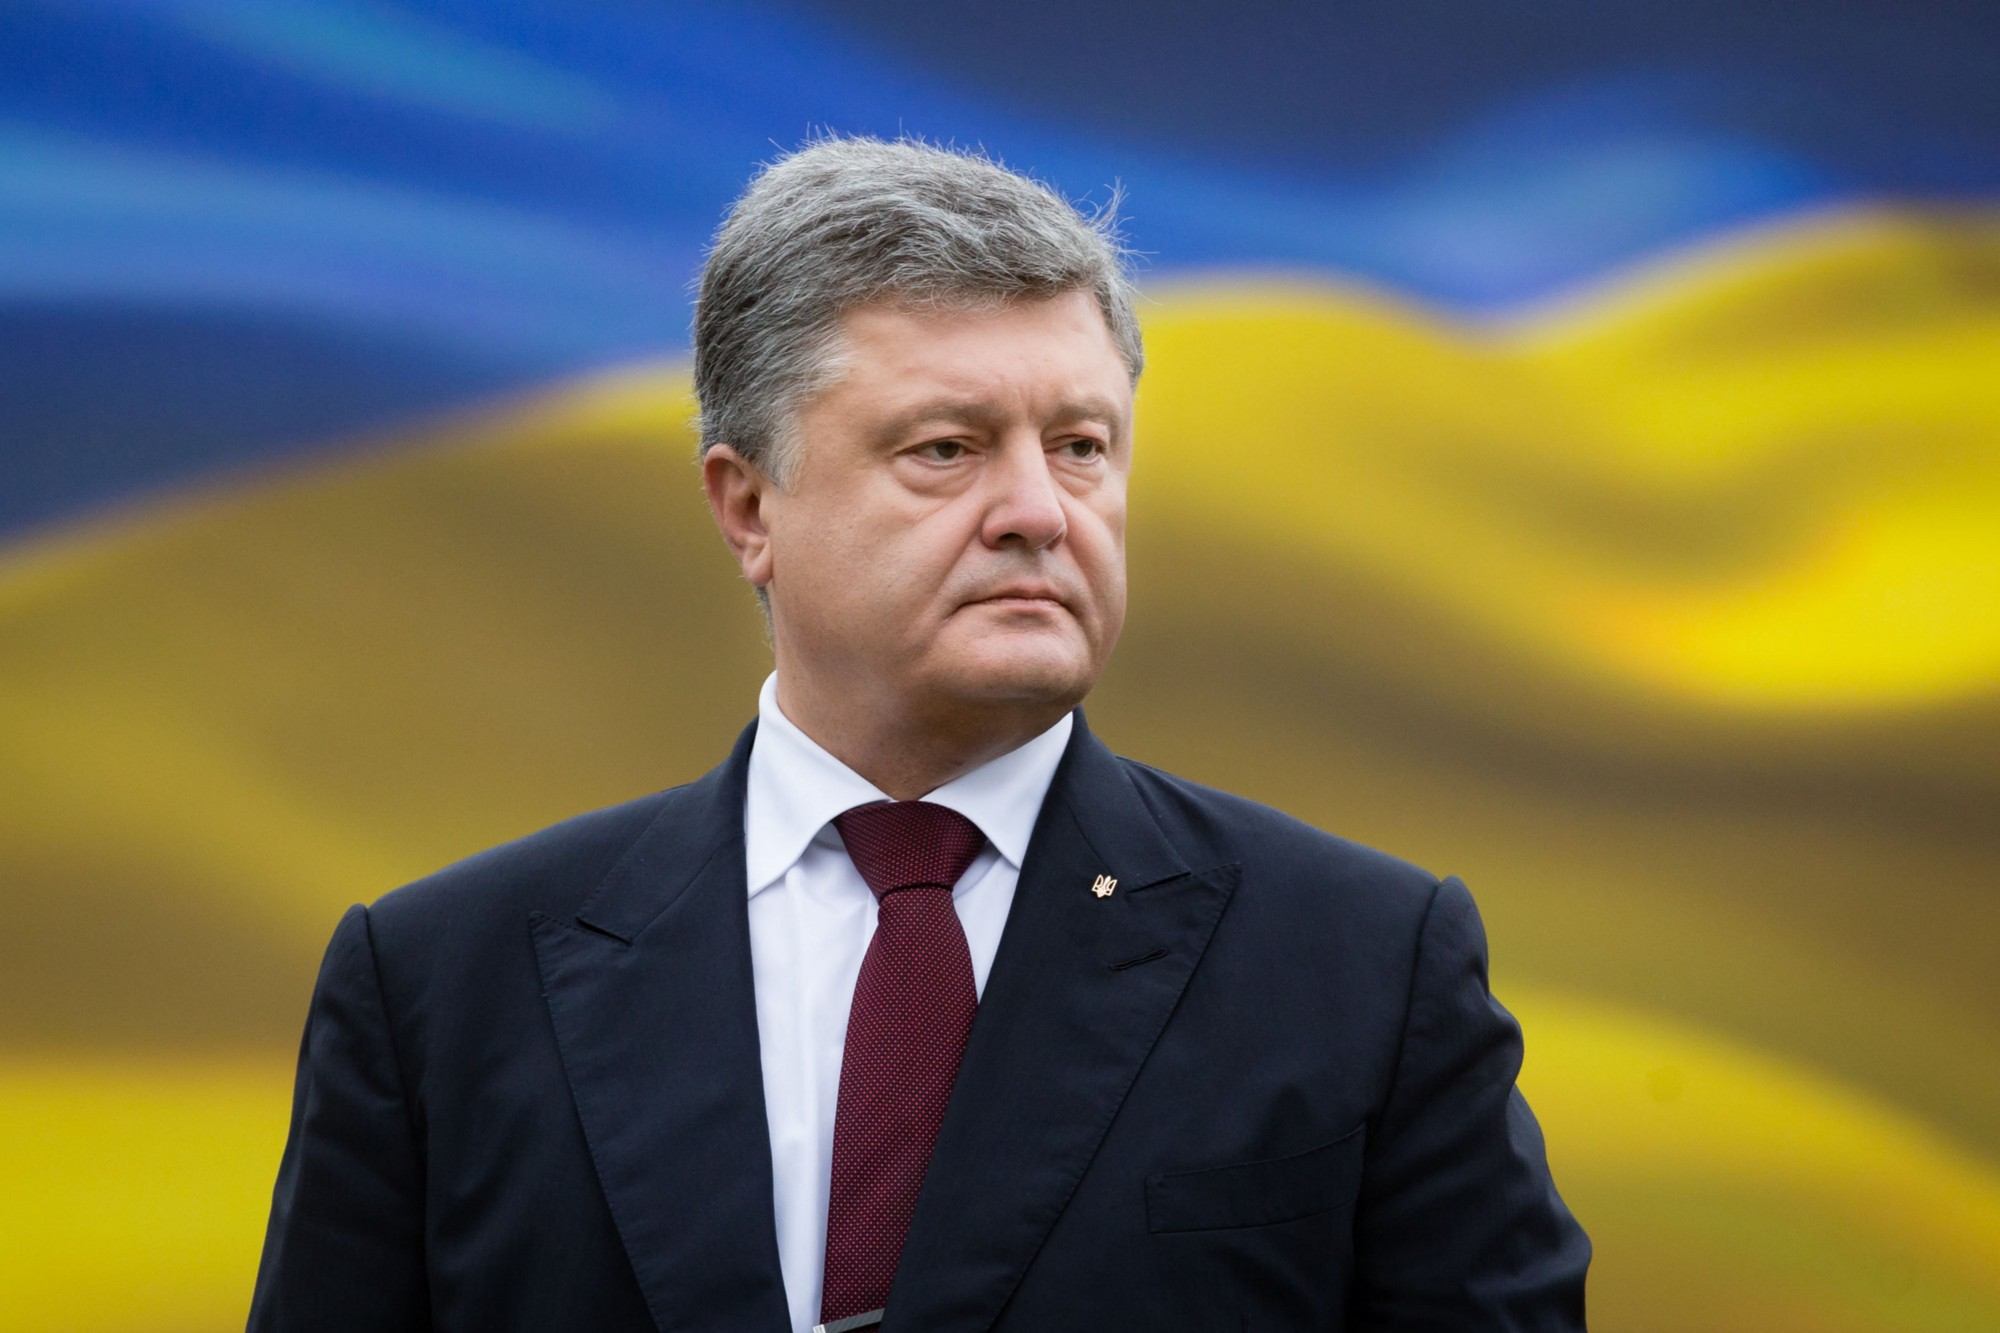 порошенко, прикрути, экономия газа, нафтогаз, газпром, кремль, провокация, происшествия